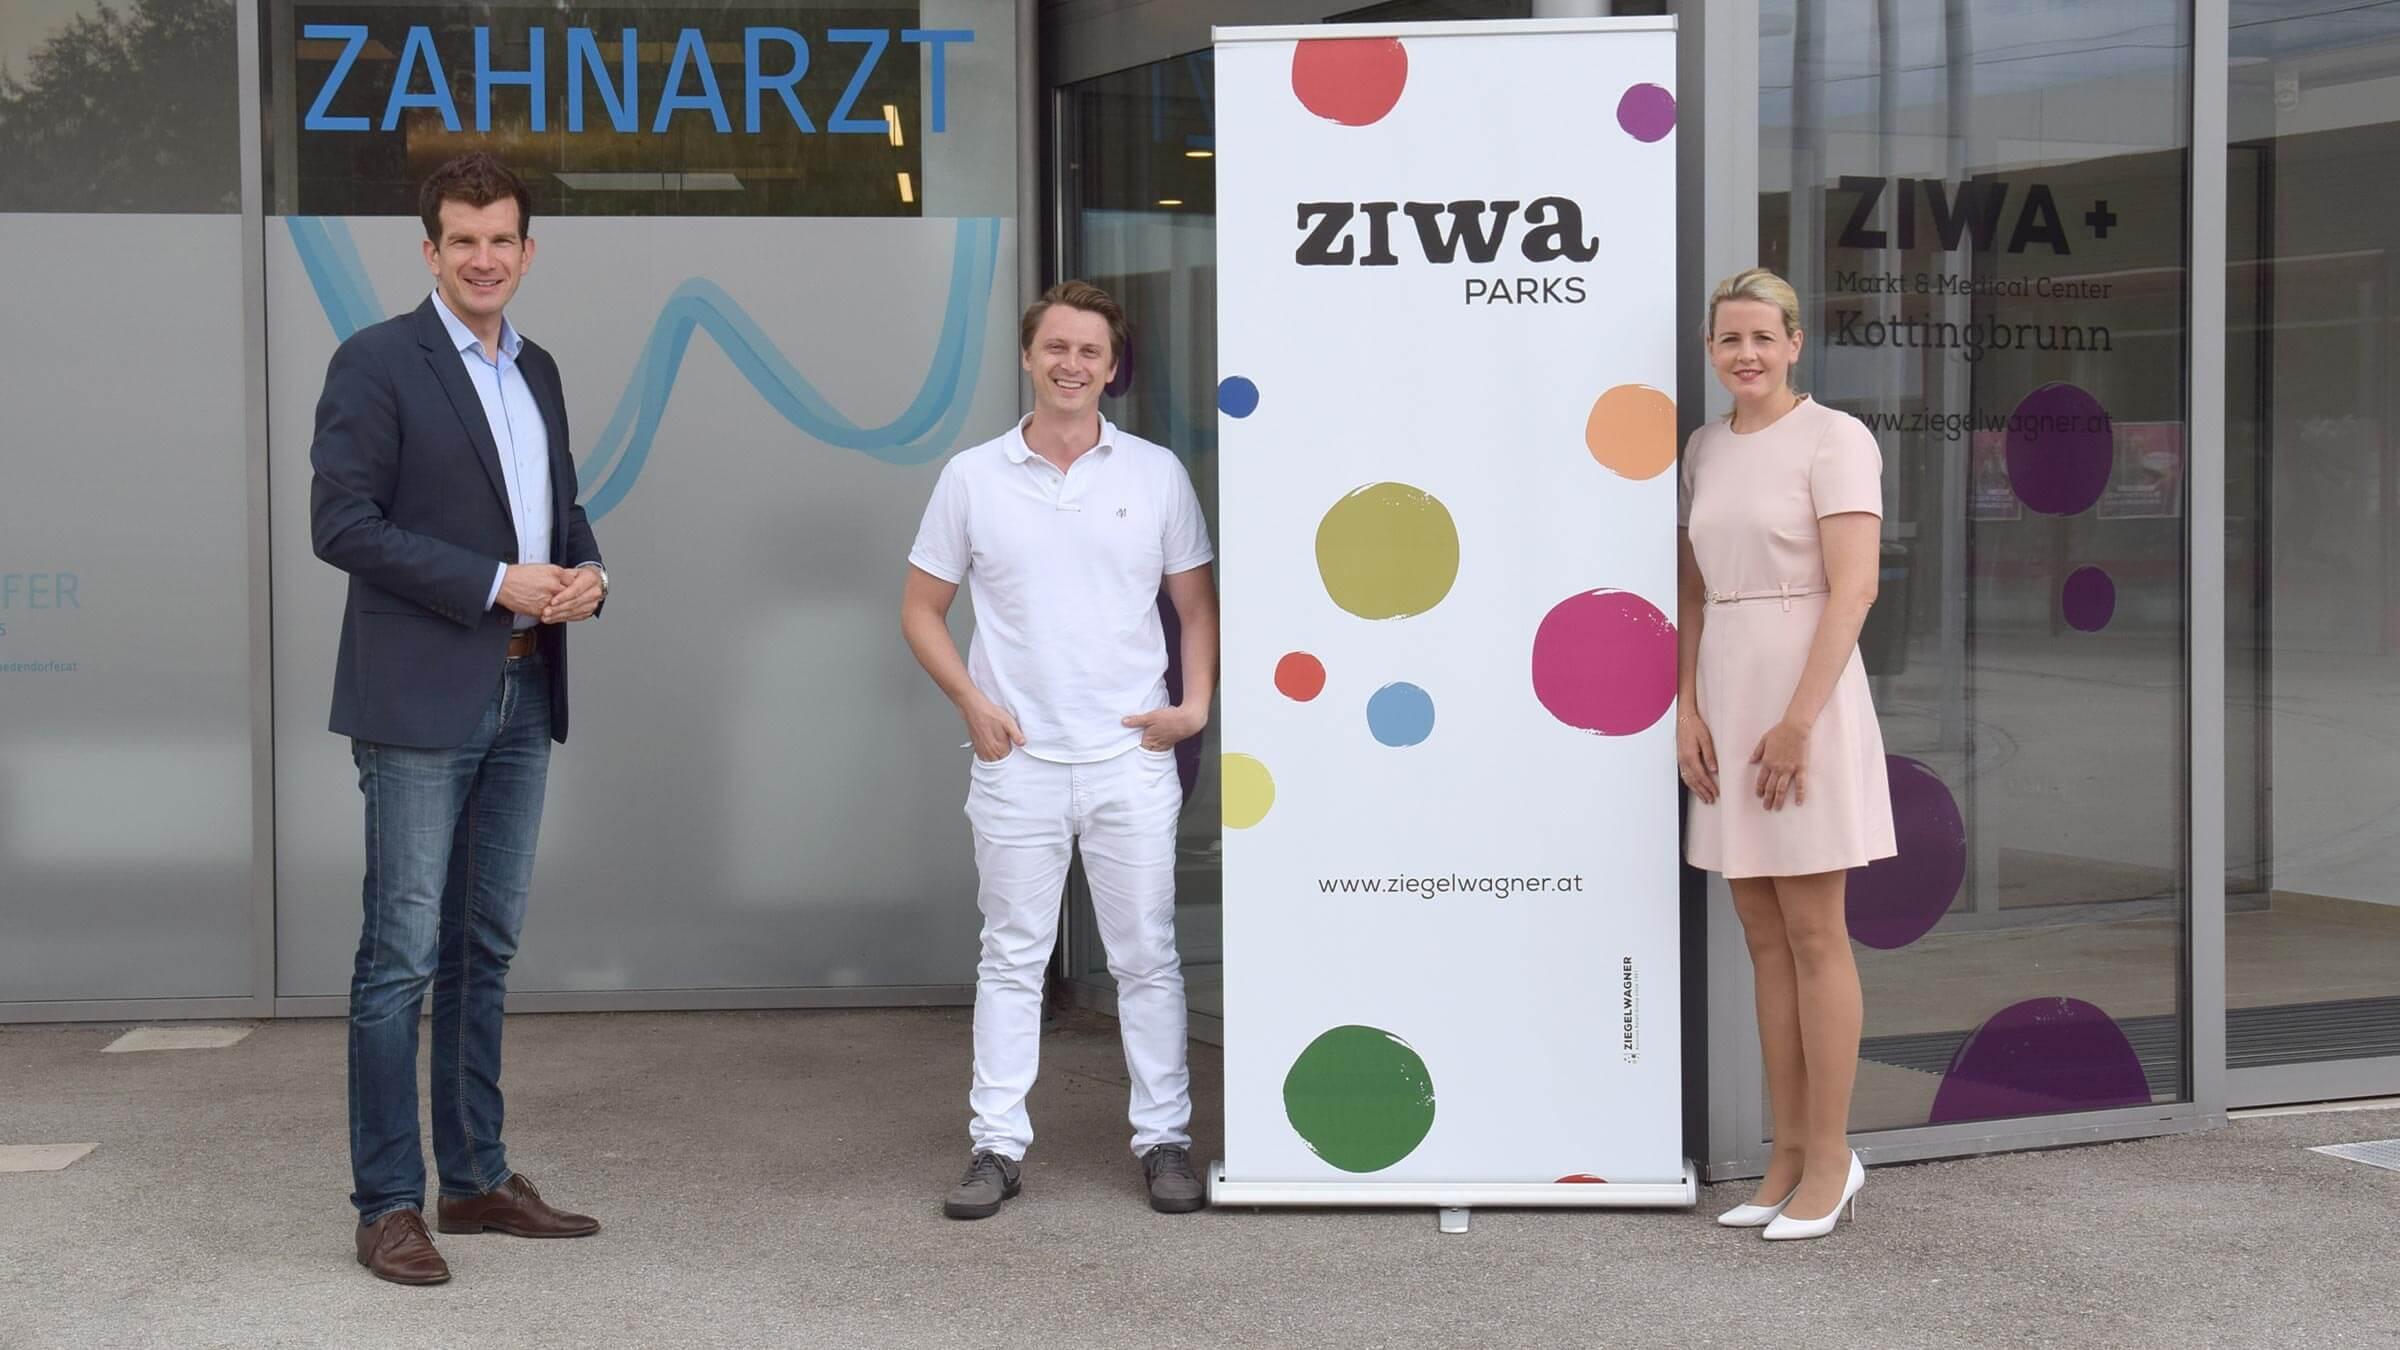 ziegelwagner_titelbild-news-kottingbrunn-Zahnarzt_201112